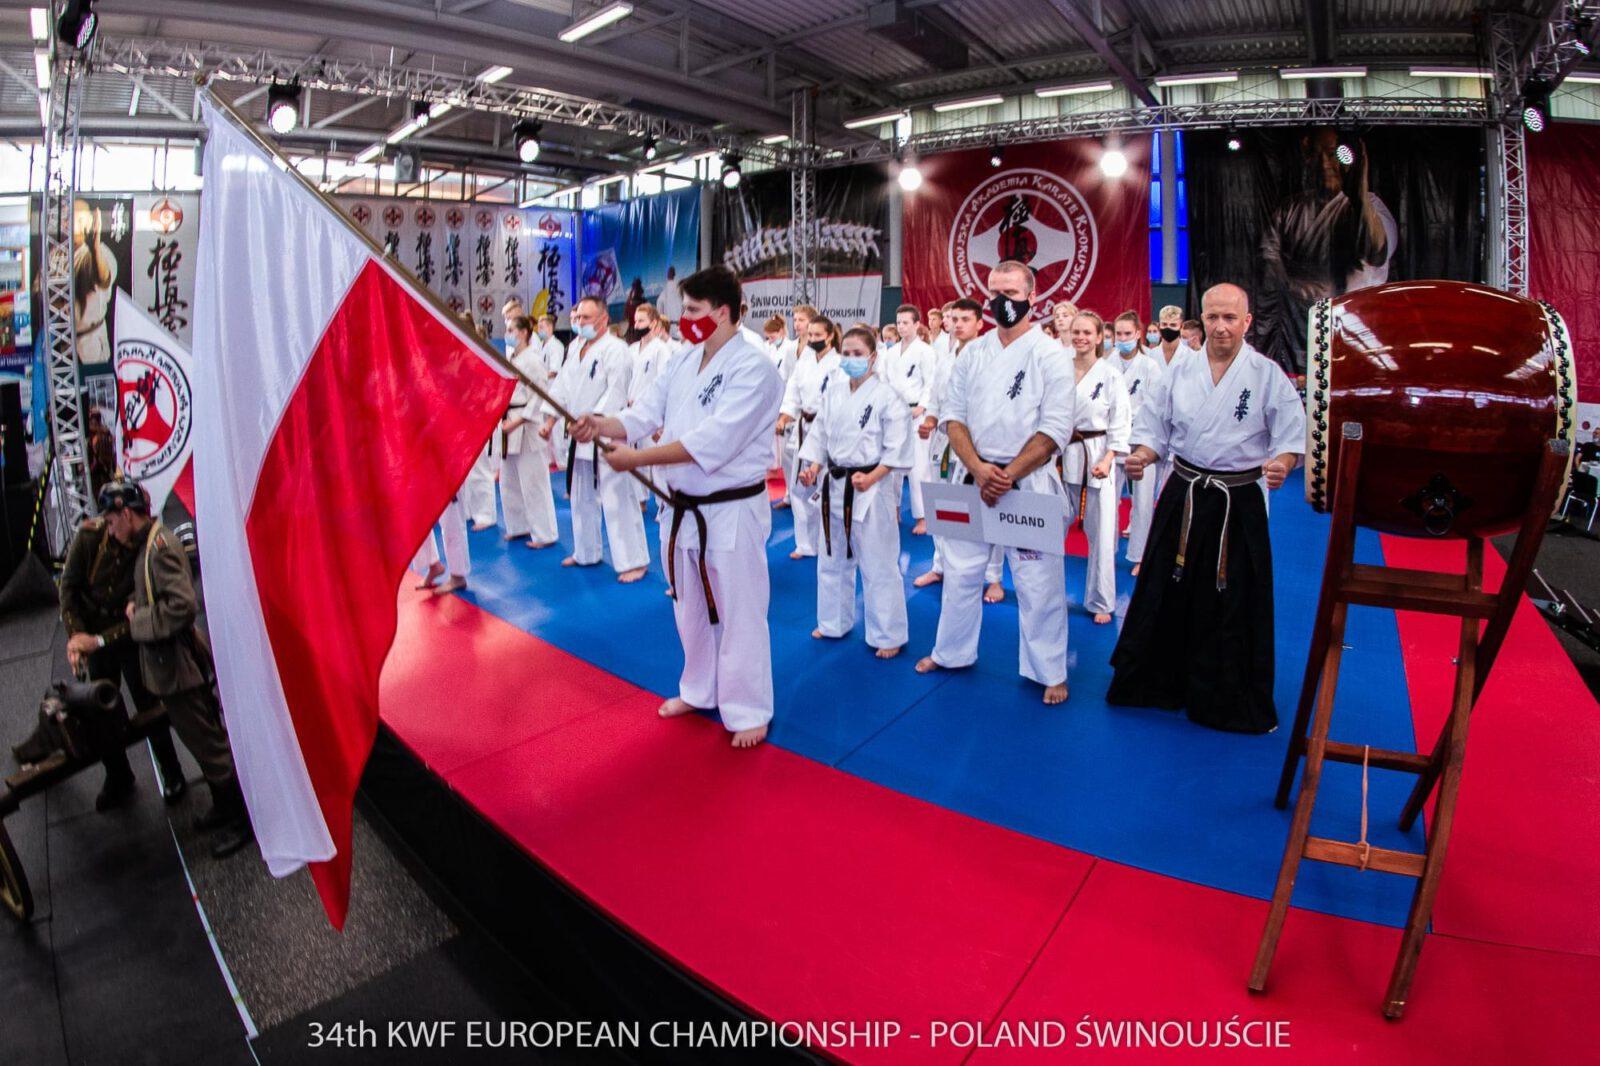 Zdjęcie przedstawiające uczestników 34 Mistrzostw Europy KARATE KYOKUSHIN